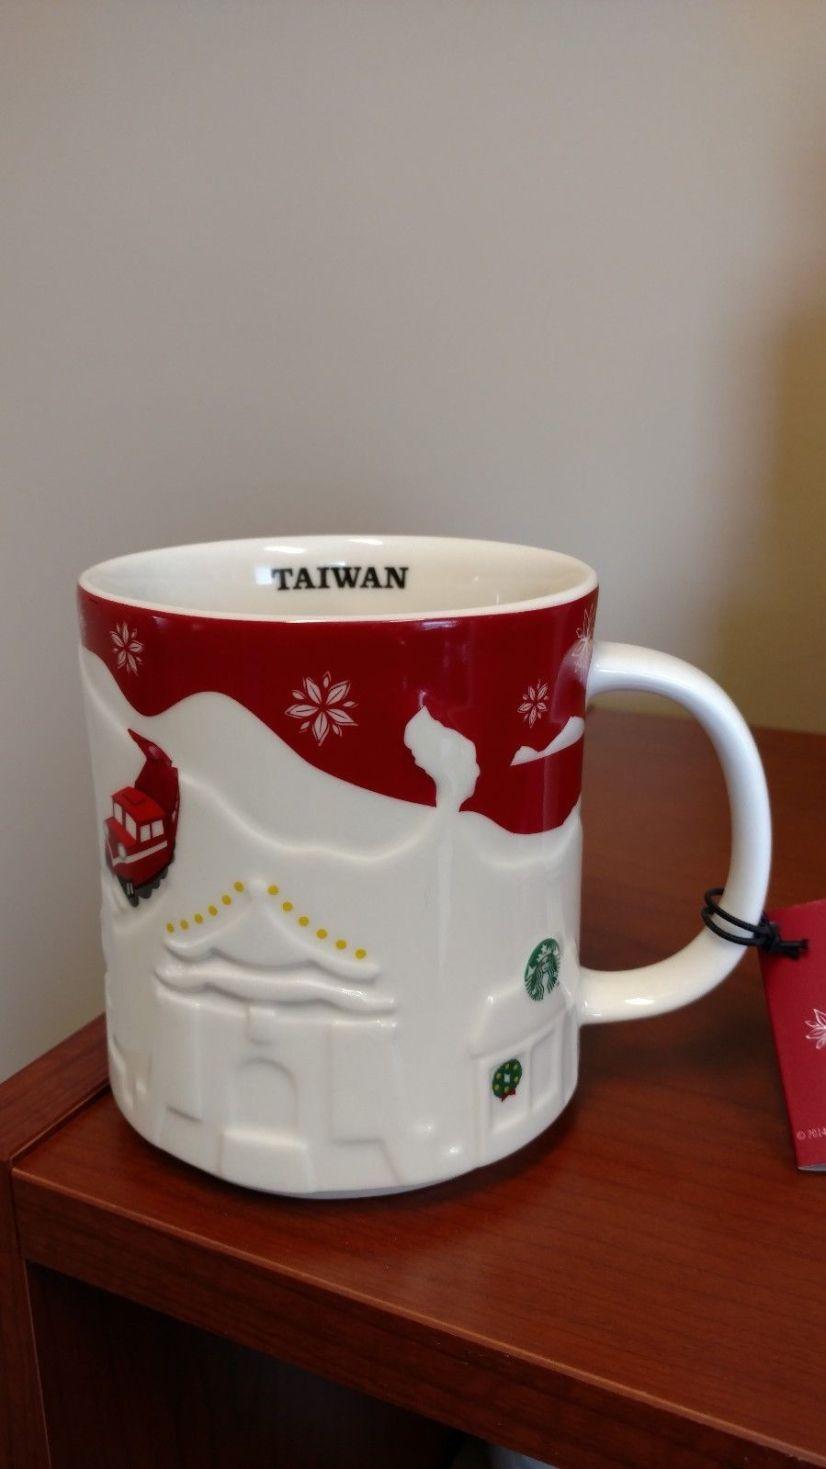 Taiwan Red